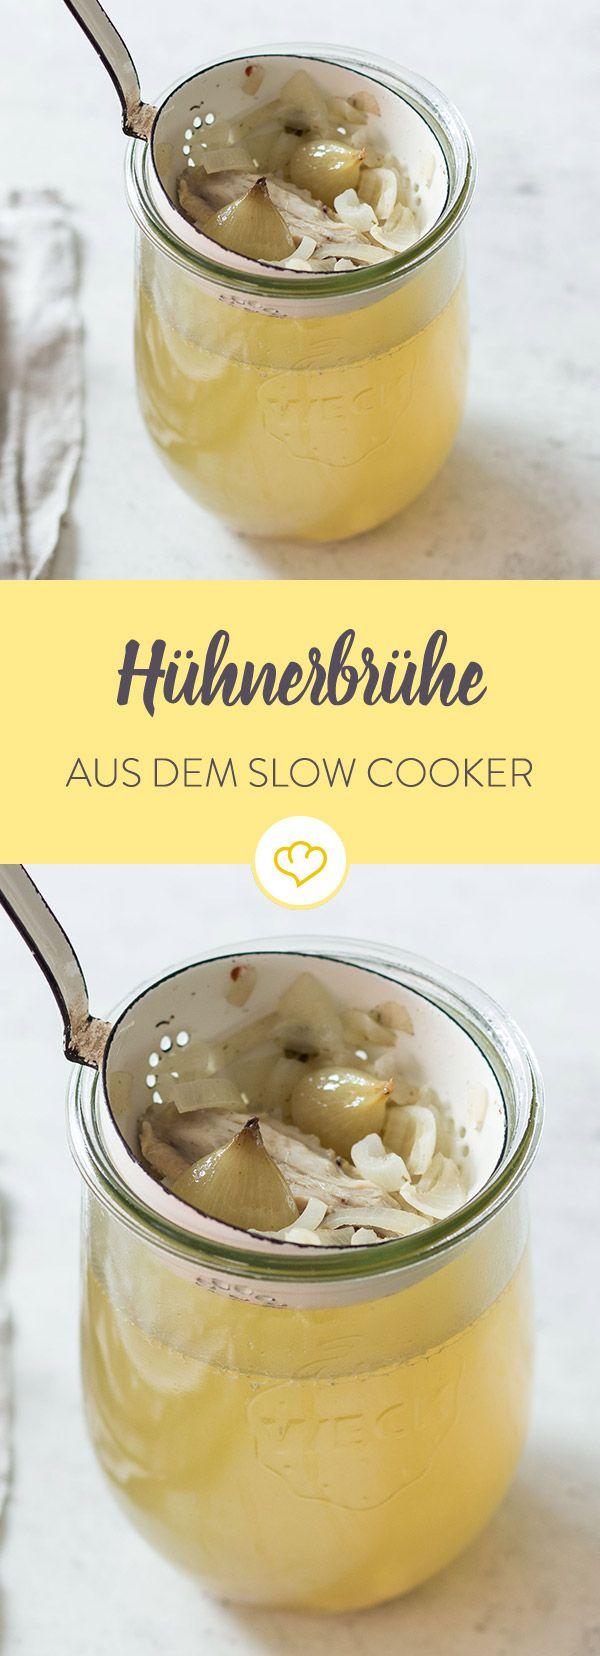 Diese Hühnerbrühe kommt mit exakt 5 Zutaten aus, ist ebenso simpel wie puristisch und perfekt. Im Slow Cooker erhält sie einen noch intensiveren Geschmack.